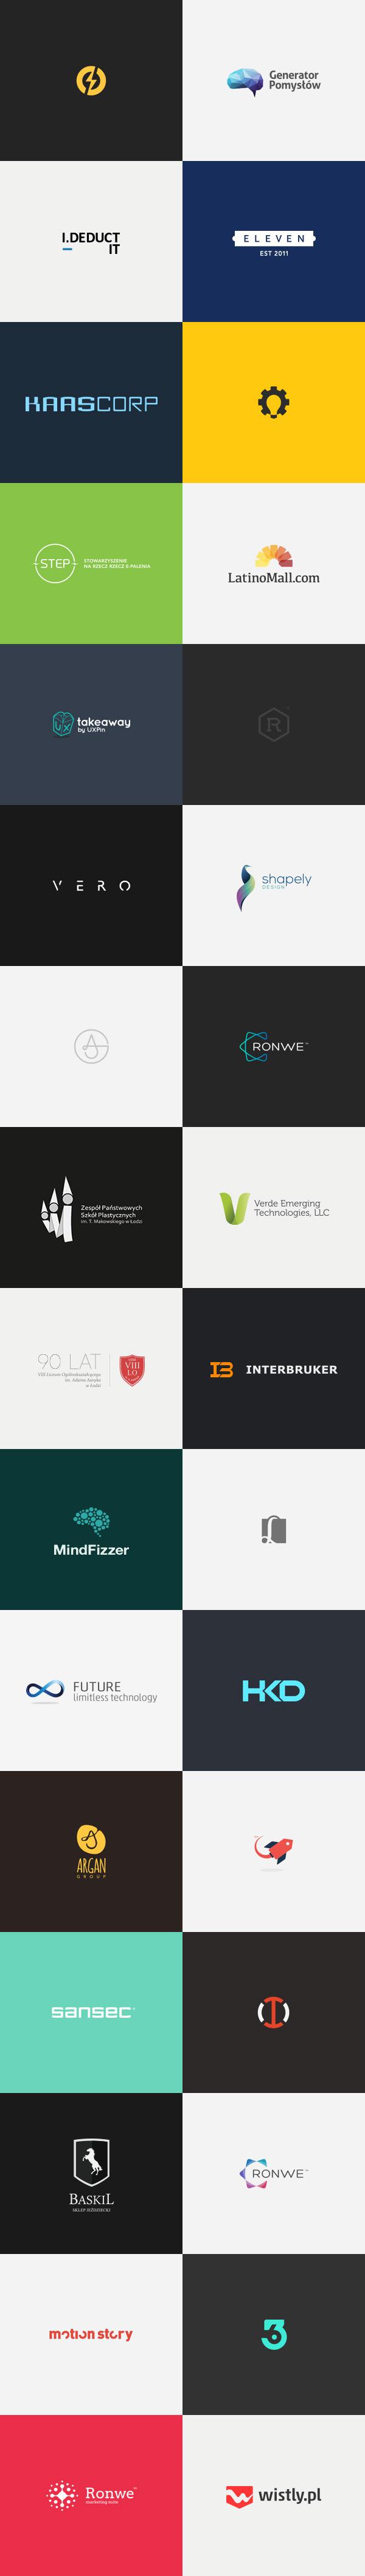 Brand Marks by Dominik Pacholczyk